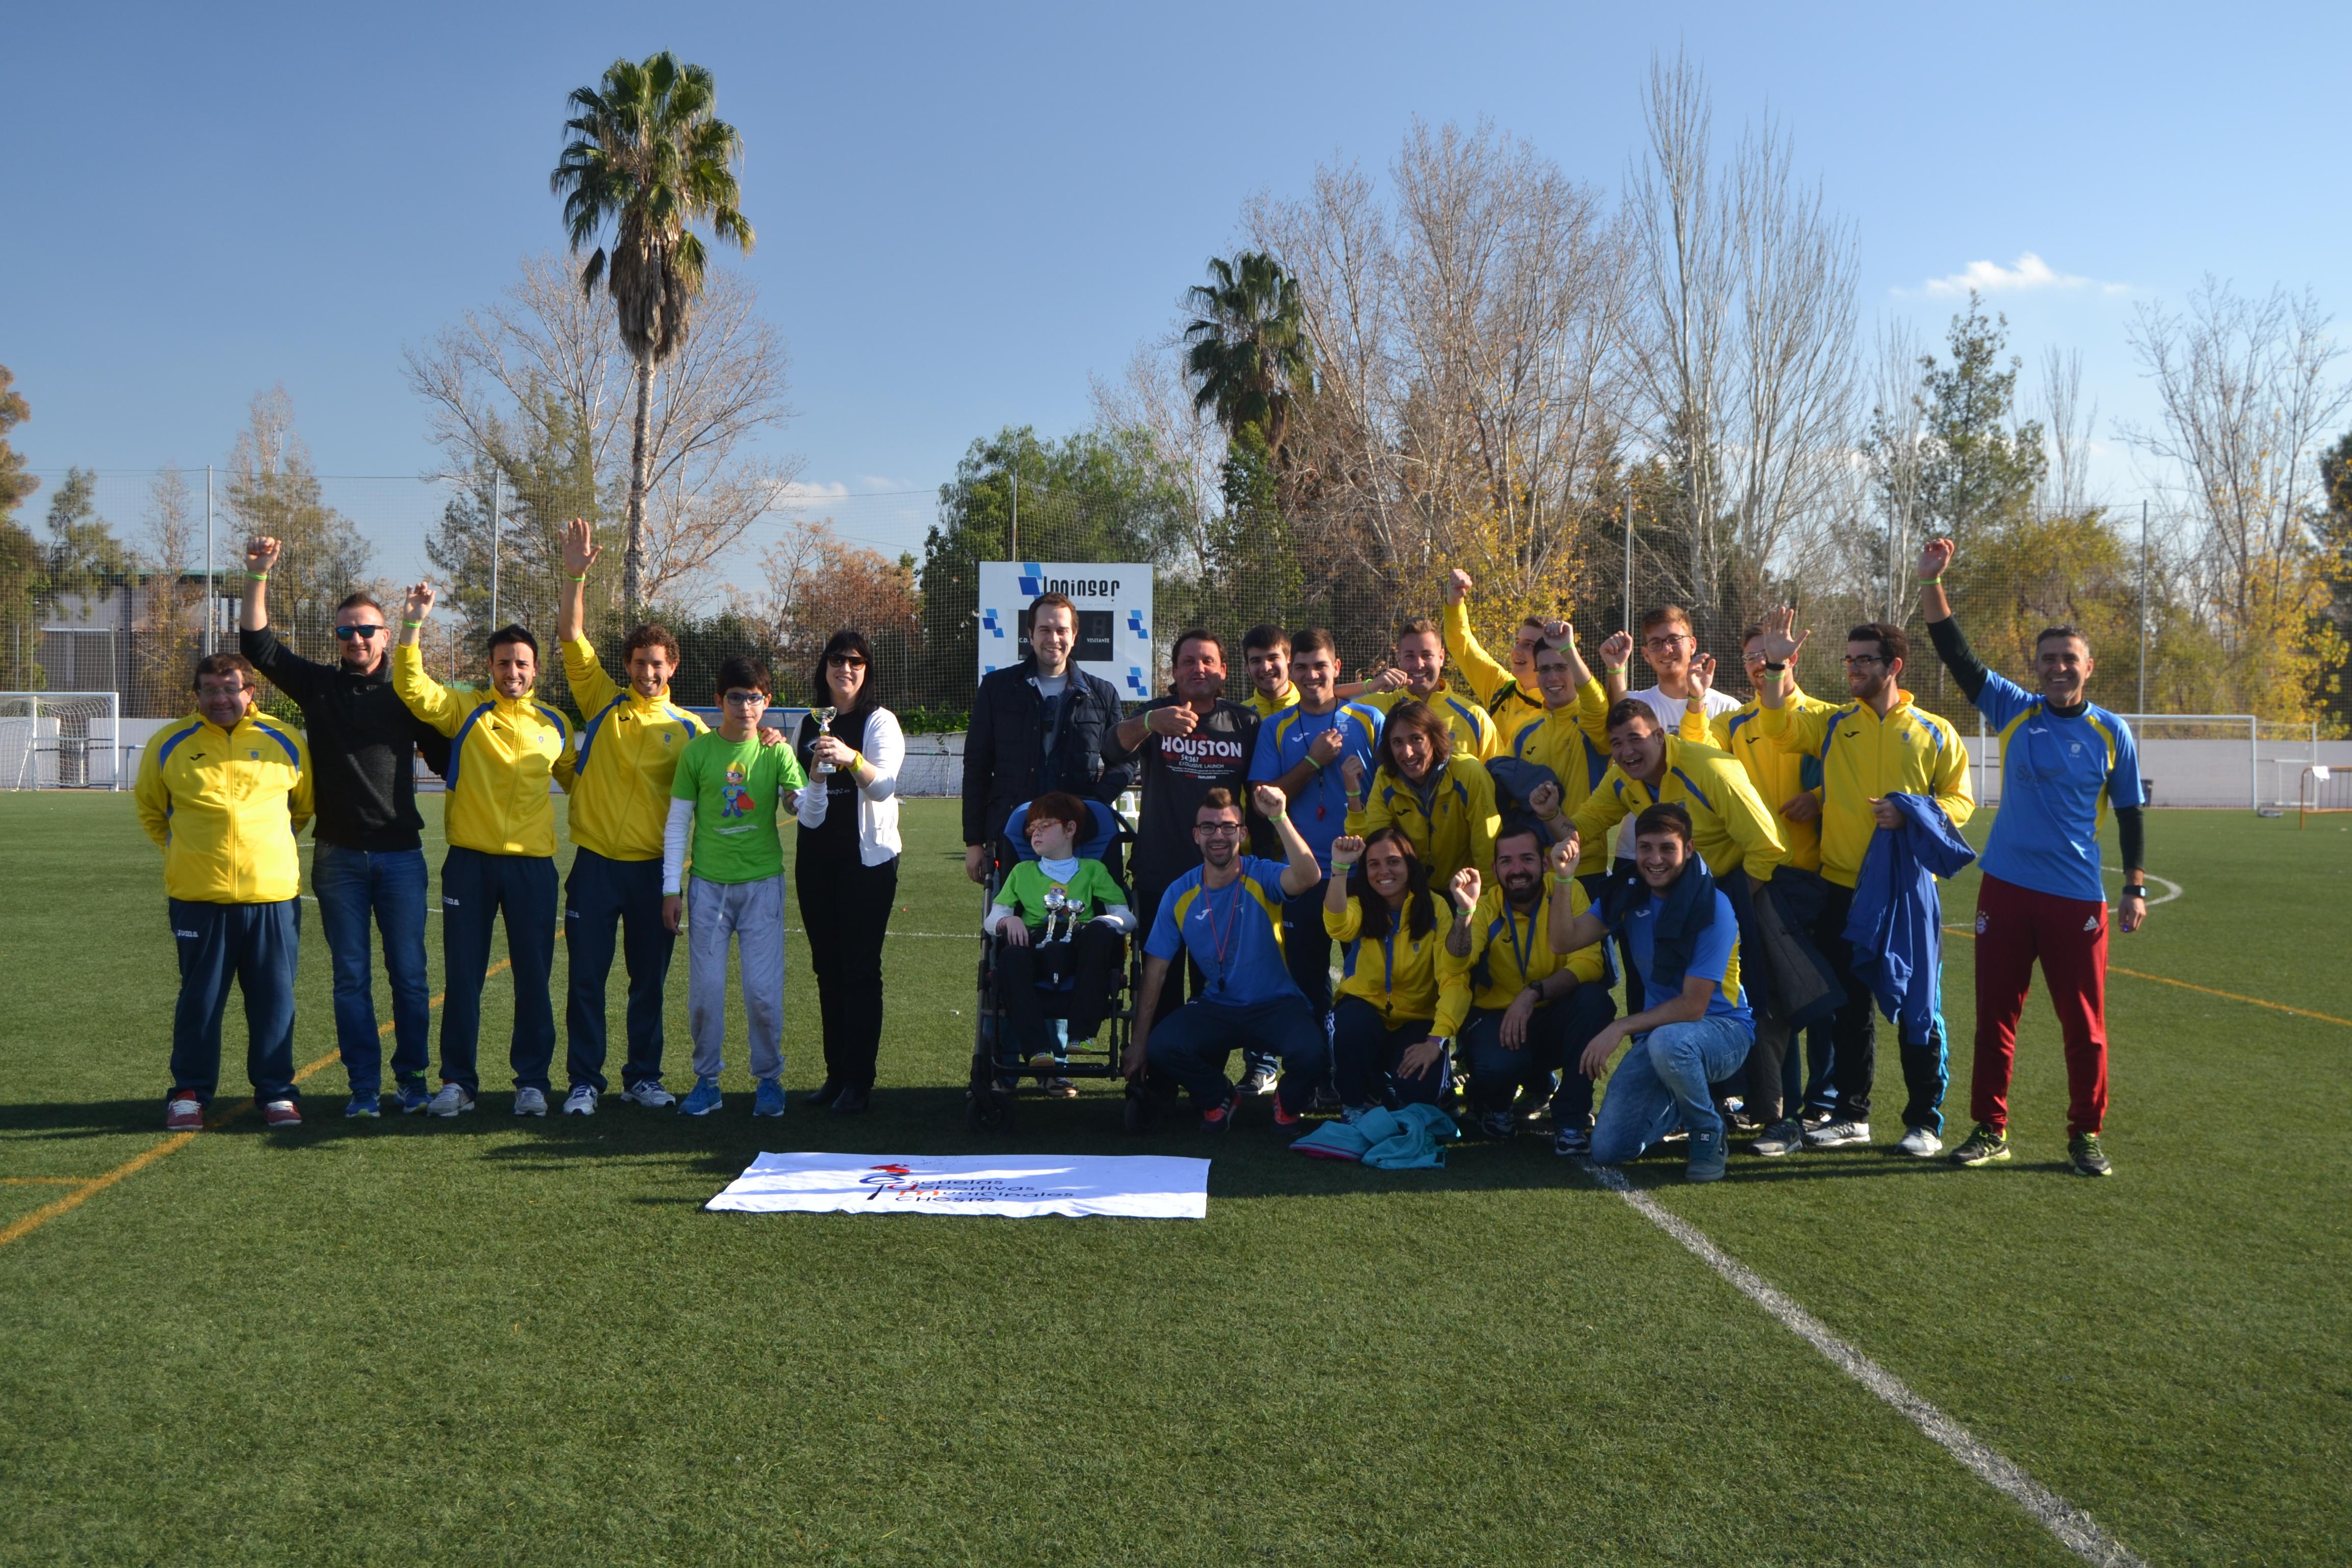 Jovénes participantes en el Torneo Escorpión de Cheste este pasado fin de semana.